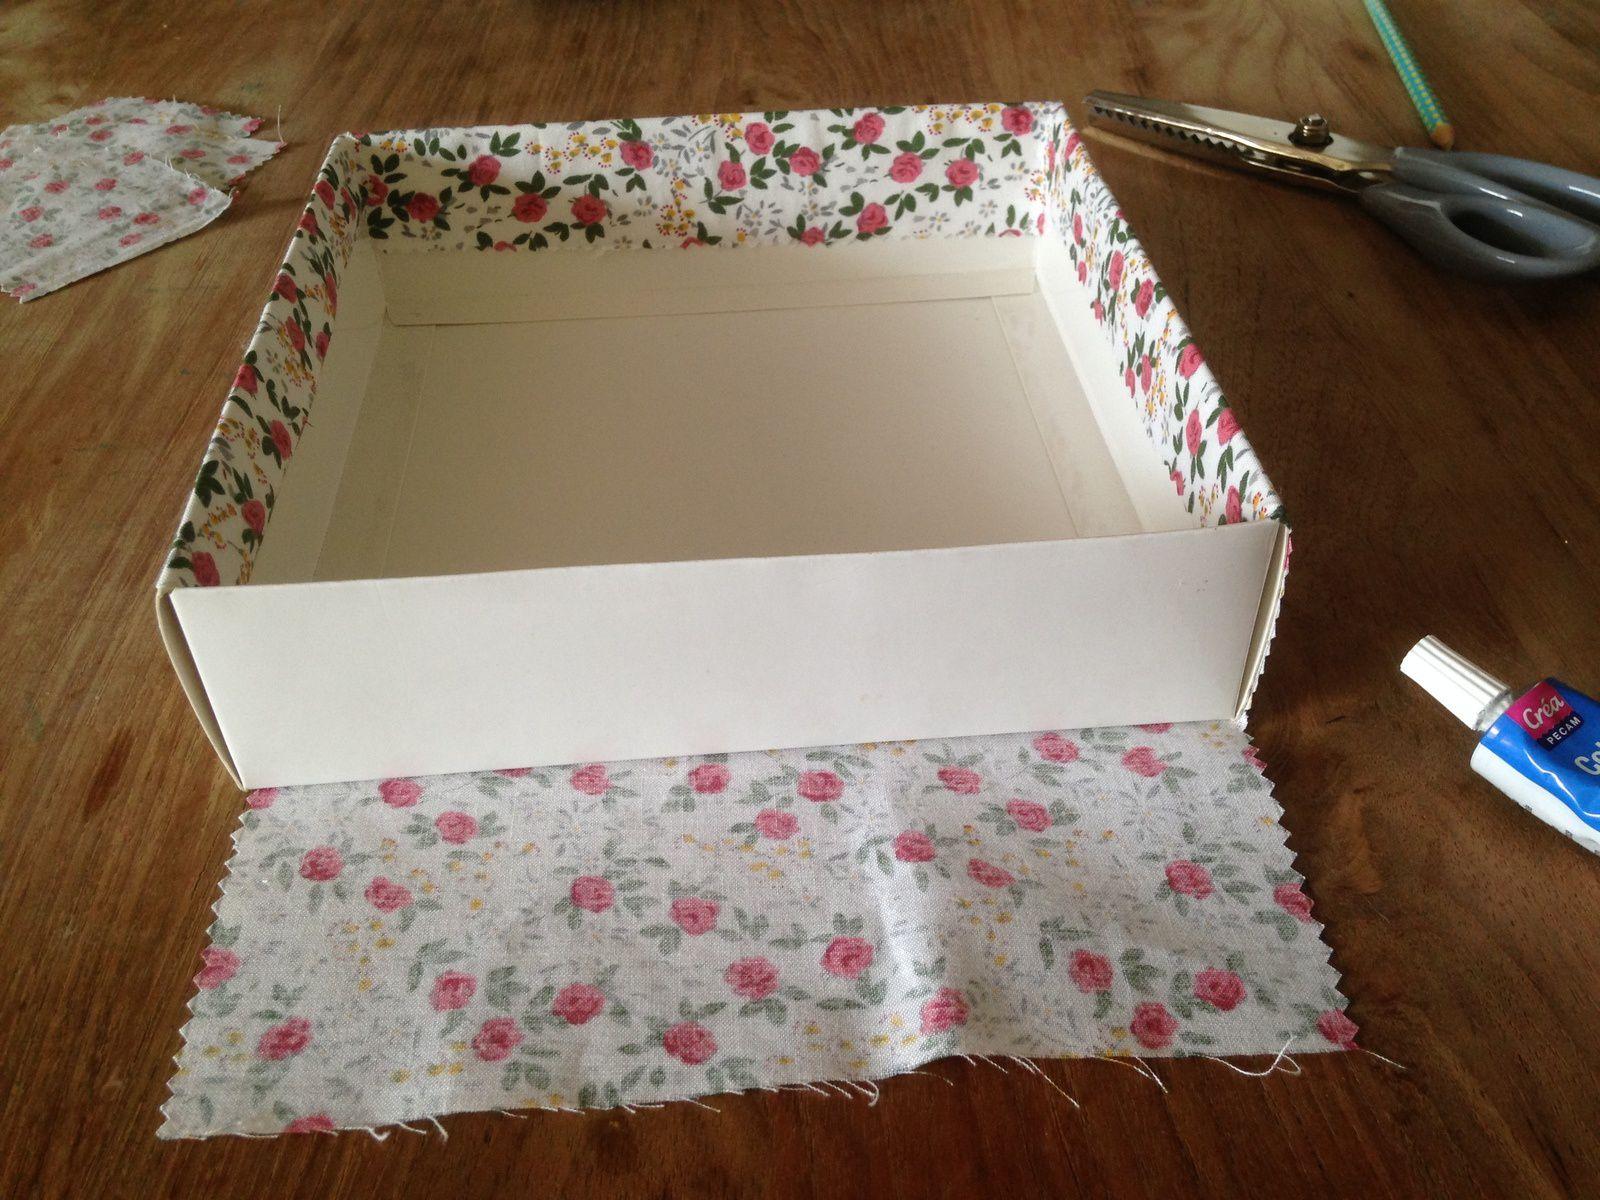 Comment Recouvrir Une Boite Avec Du Tissu